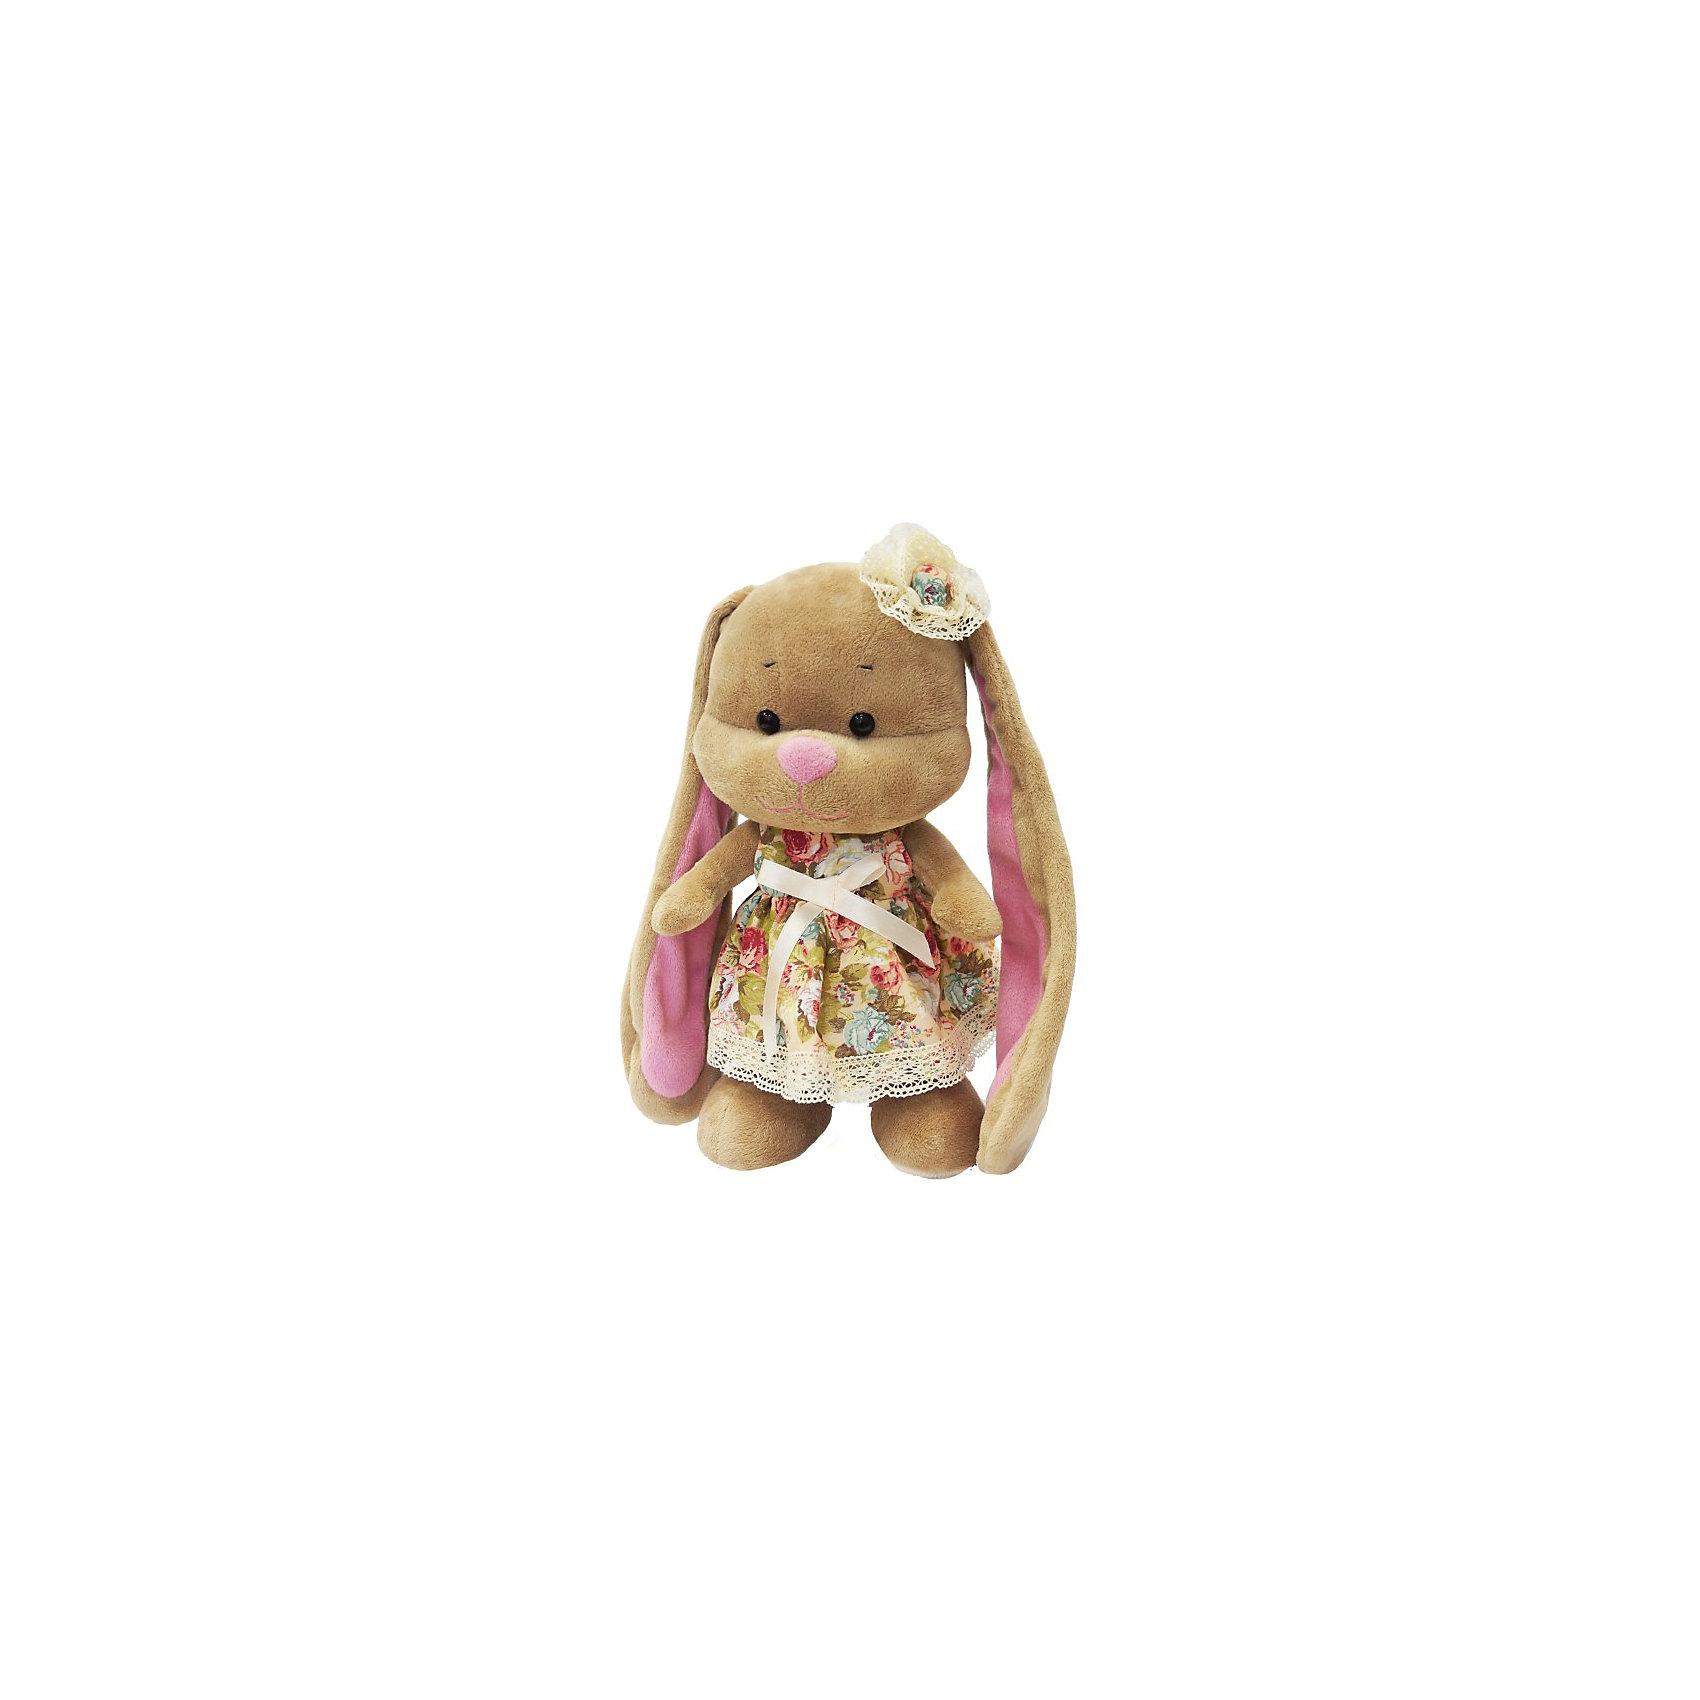 Зайка Лин в летнем платье, 25 см, MAXITOYSОчень красивая игрушка сделана в виде Зайца в ярком платье с цветком на голове. Она поможет ребенку проводить время весело и с пользой (такие игрушки развивают воображение и моторику). Смотрится игрушка очень мило - ее хочется трогать и играть с ней.<br>Размер игрушки универсален - 25 сантиметров, её удобно брать с собой в поездки и на прогулку. Сделан Зайка из качественных и безопасных для ребенка материалов, которые еще и приятны на ощупь. Эта игрушка может стать и отличным подарком для взрослого, также она украсит любой интерьер.<br><br>Дополнительная информация:<br><br>- материал: мех искусственный, трикотажный, волокно полиэфирное;<br>- высота: 25 см.<br><br>Игрушку Зайка Лин в летнем платье, 25 см, от марки MAXITOYS можно купить в нашем магазине.<br><br>Ширина мм: 170<br>Глубина мм: 200<br>Высота мм: 250<br>Вес г: 221<br>Возраст от месяцев: 36<br>Возраст до месяцев: 1188<br>Пол: Женский<br>Возраст: Детский<br>SKU: 4701894